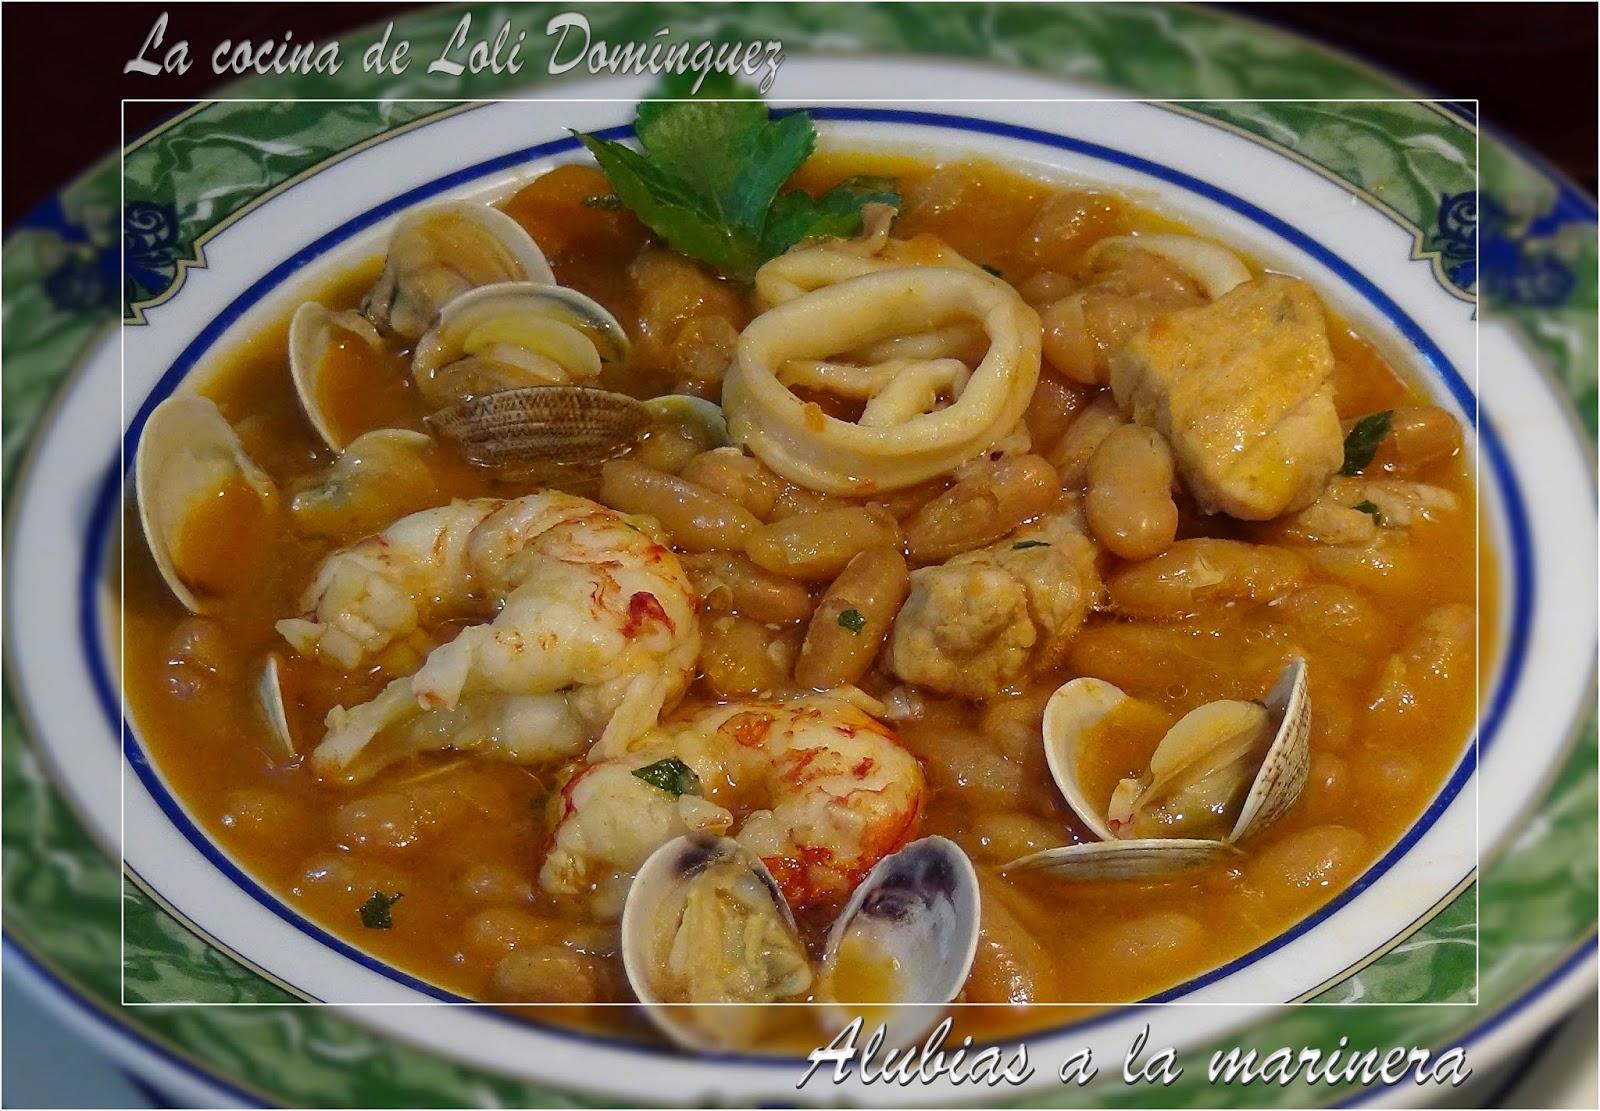 La cocina de loli dom nguez alubias a la marinera for La cocina de seve